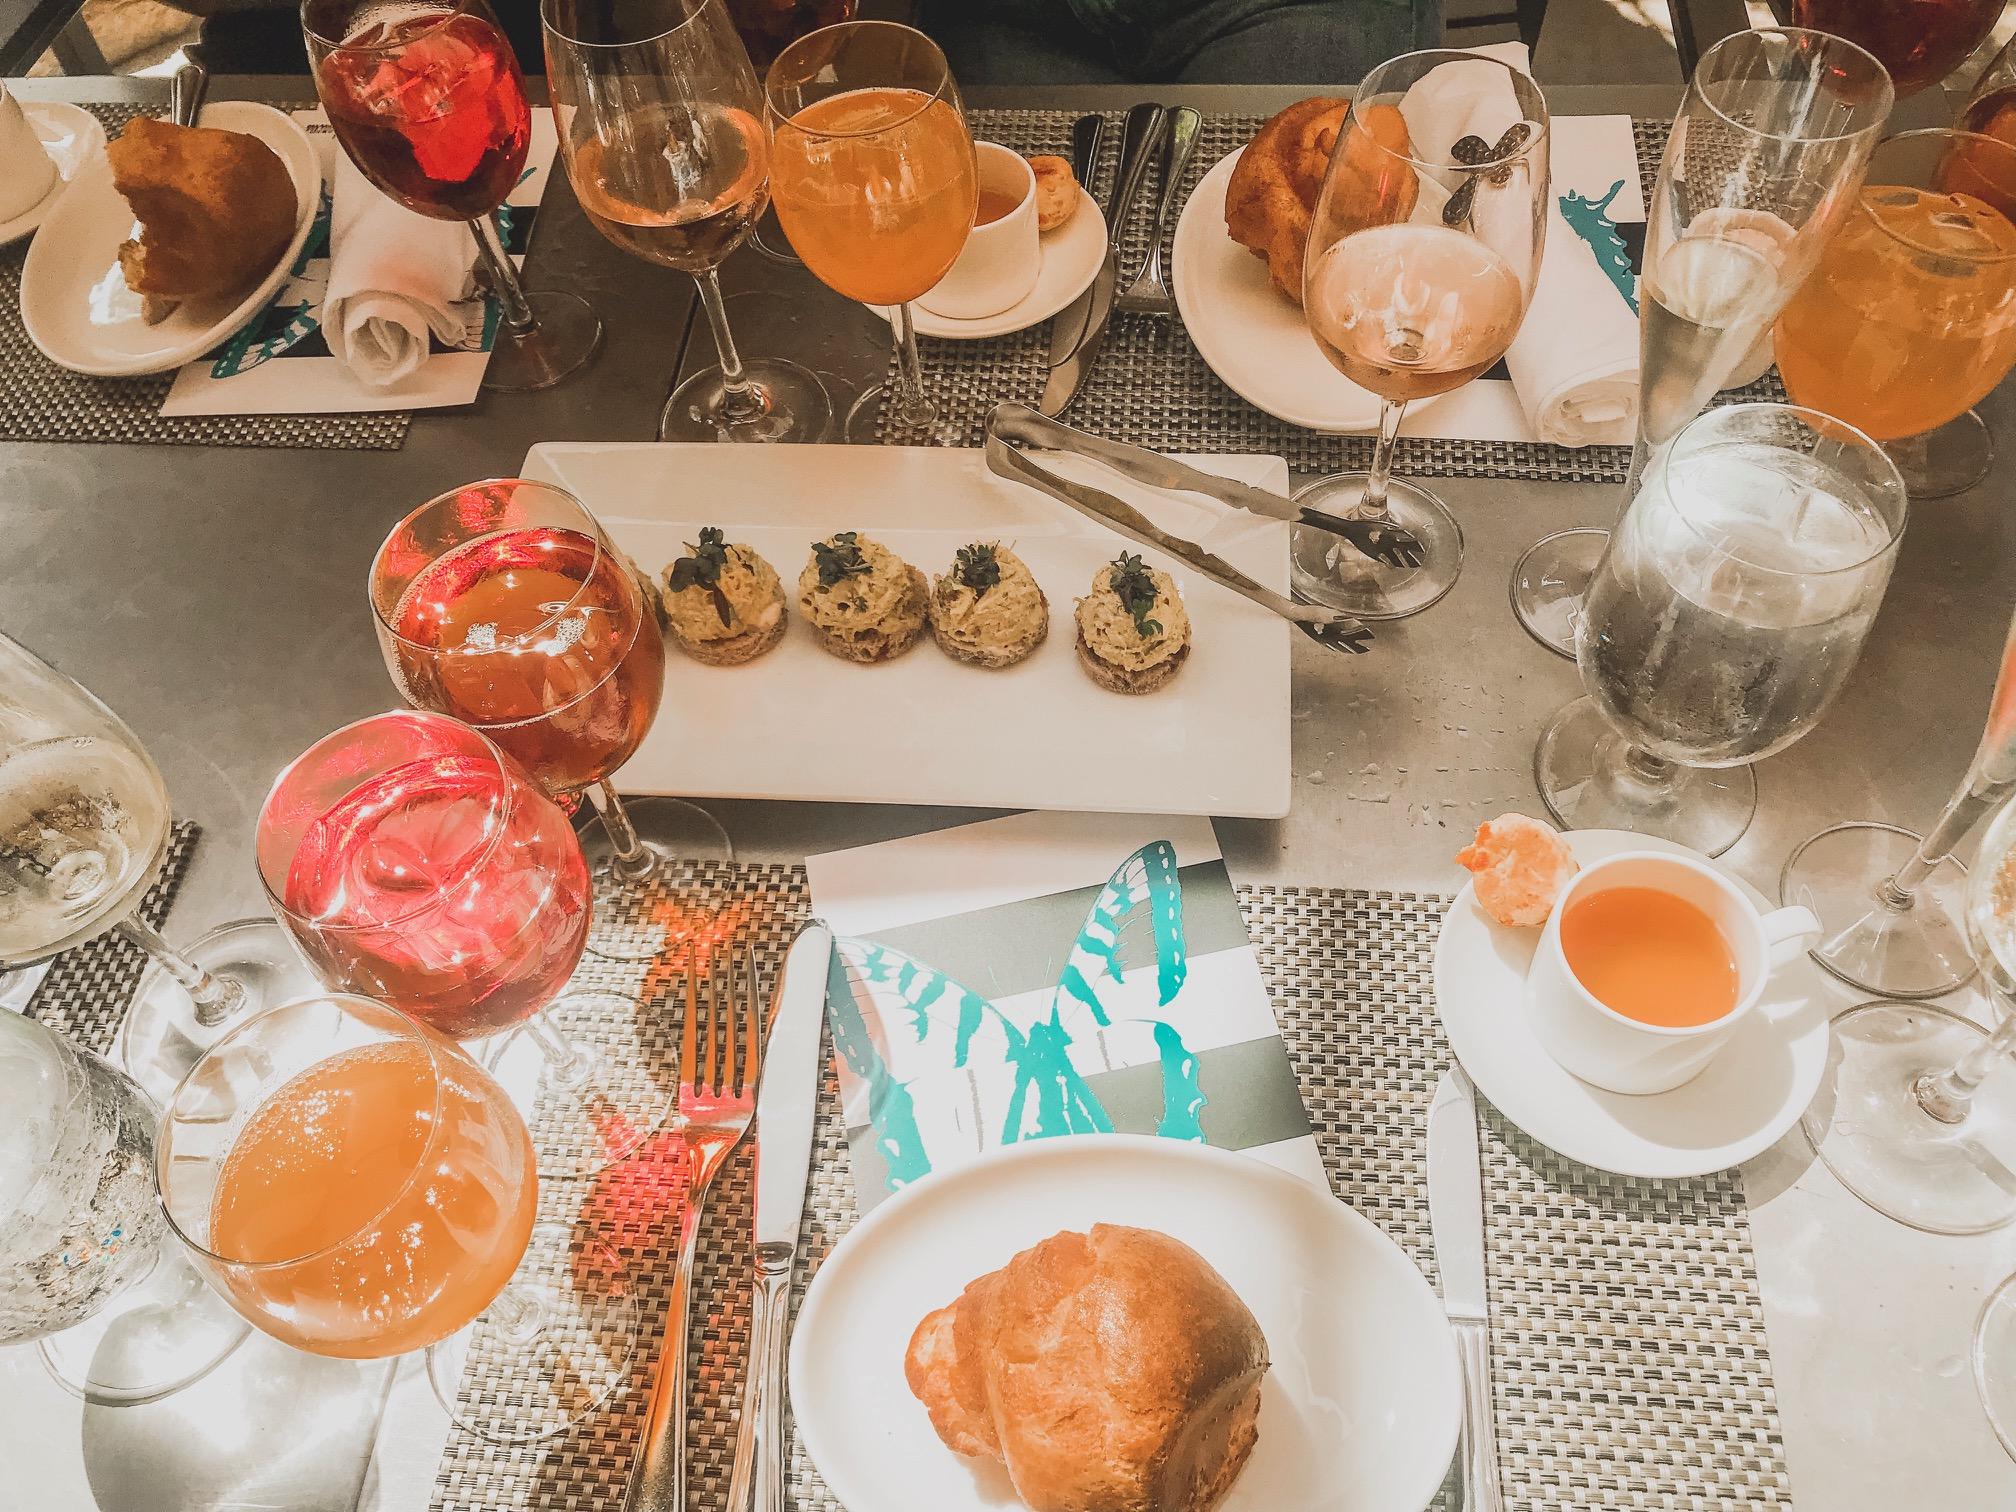 Neiman Marcus cafe food blogger at Topanga Food Crawl